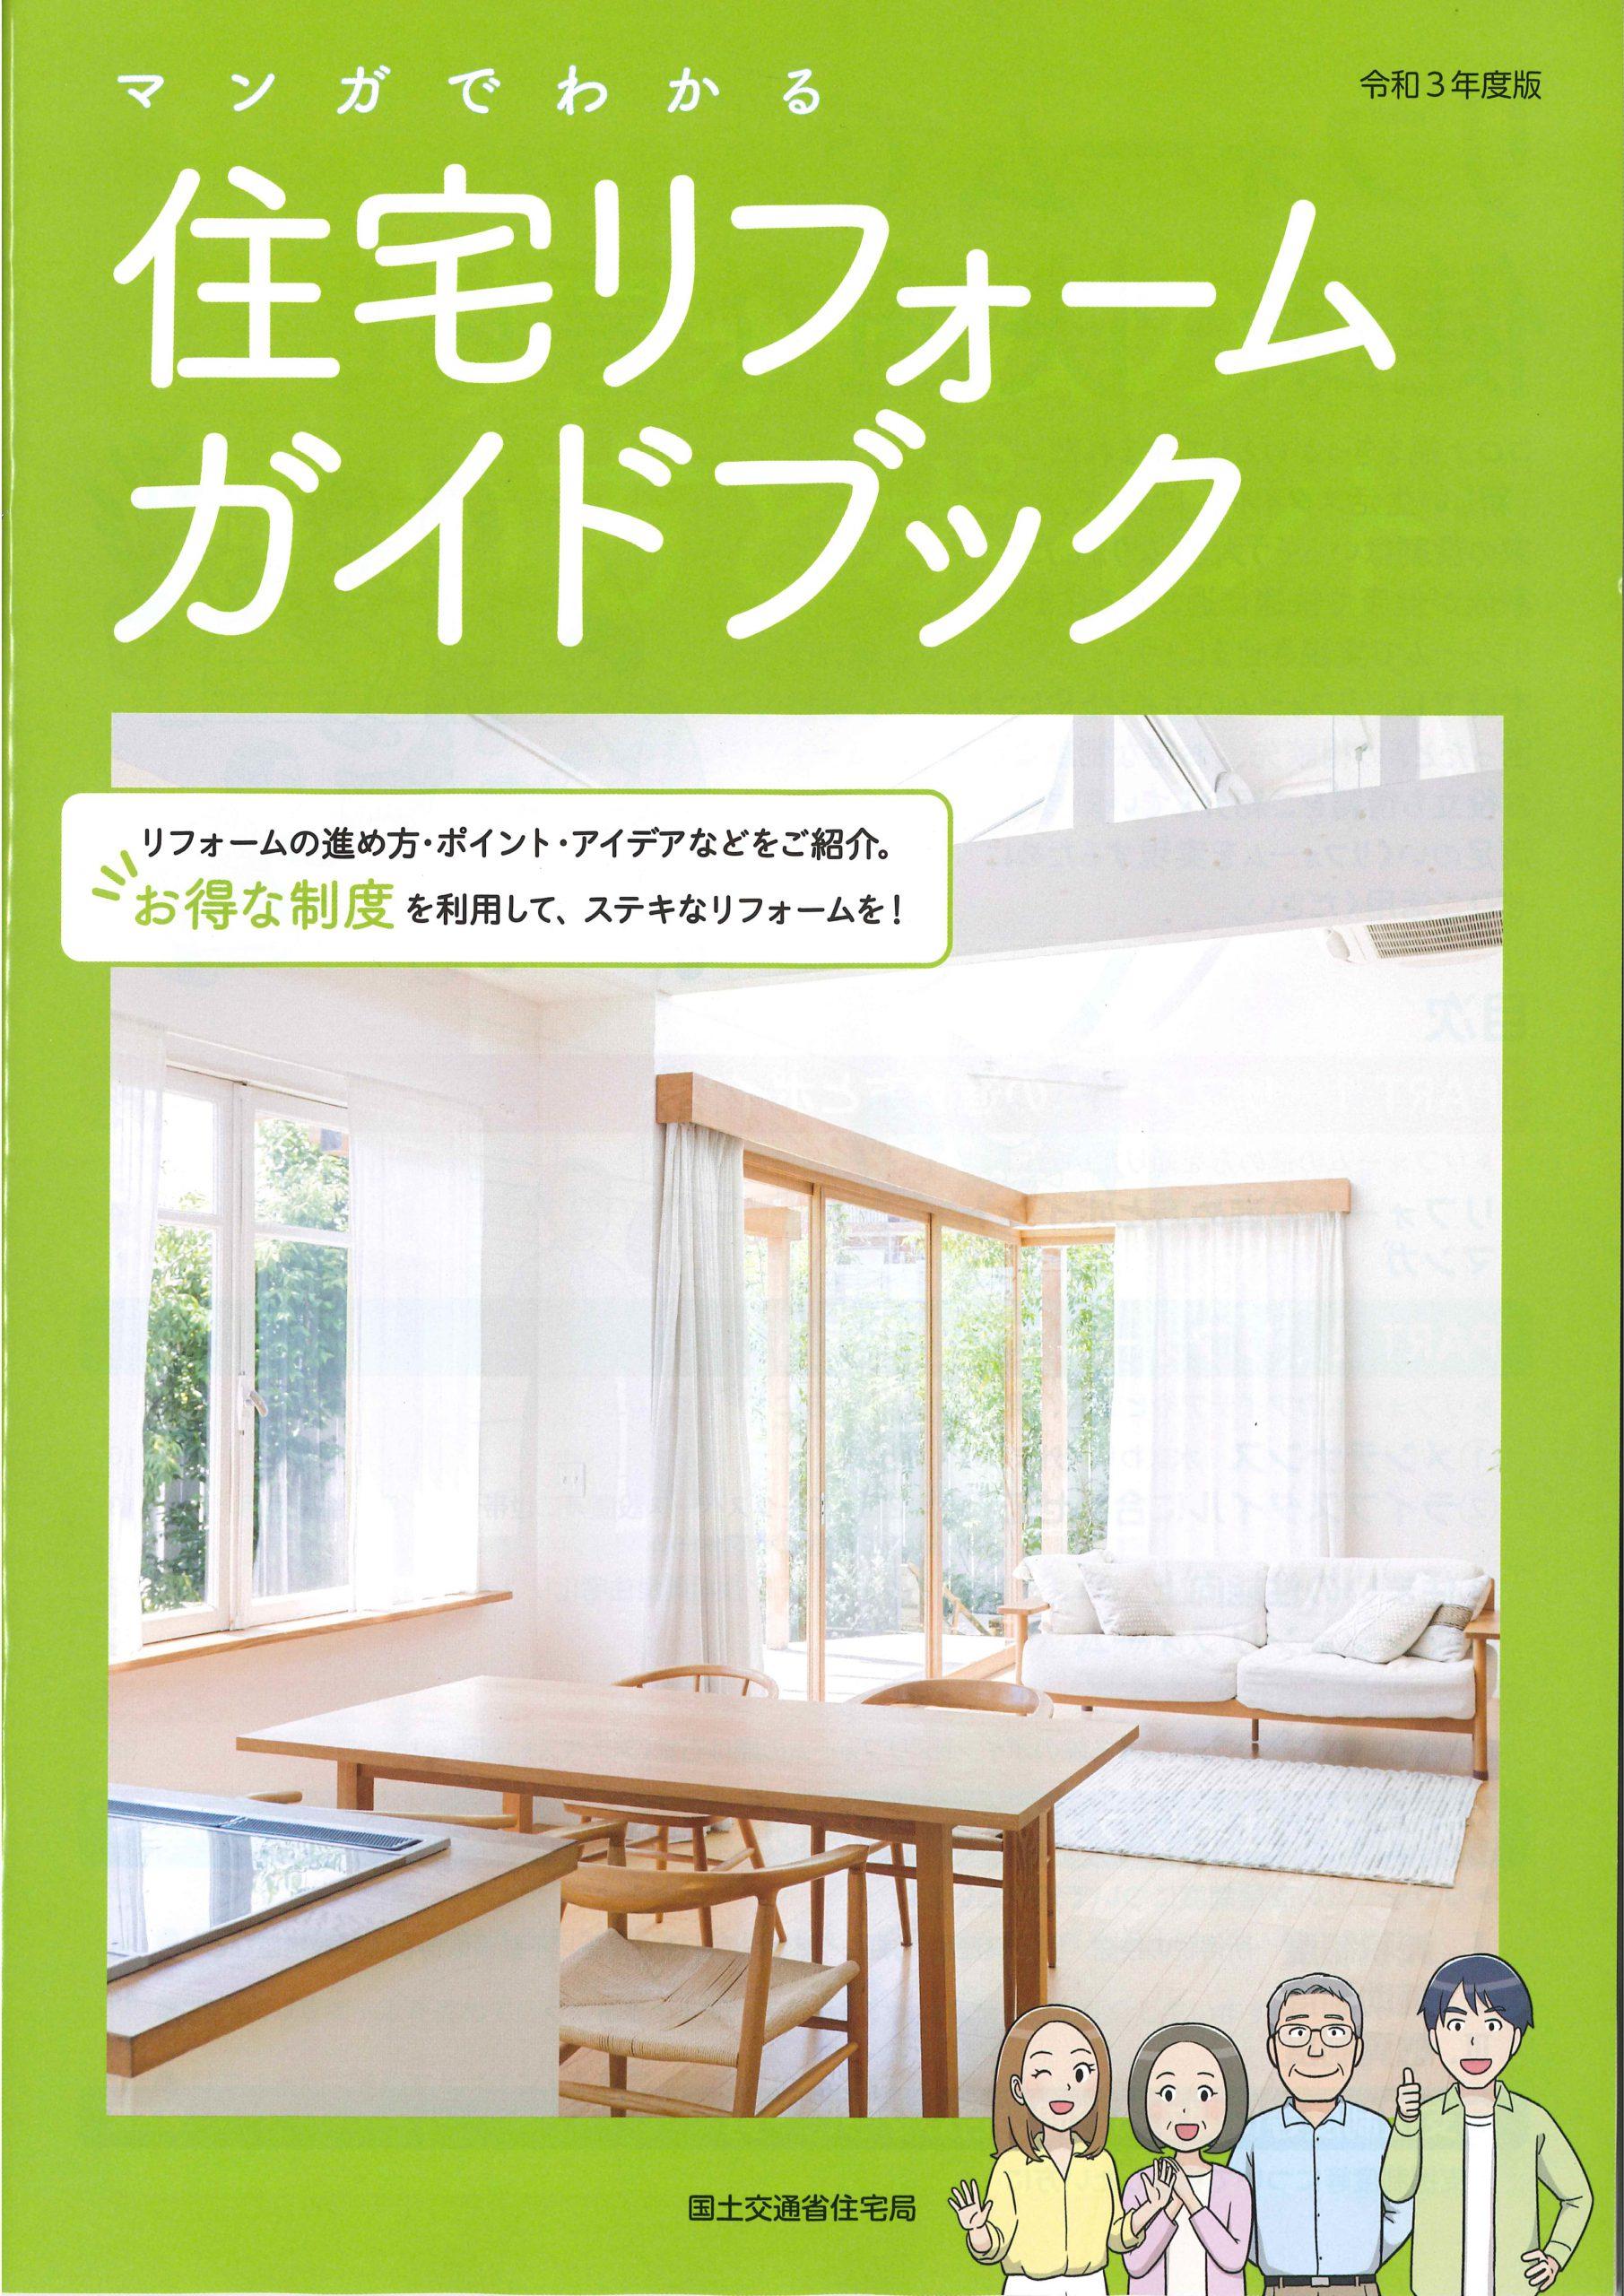 マンガでわかる 住宅リフォームガイドブック 令和3年度版